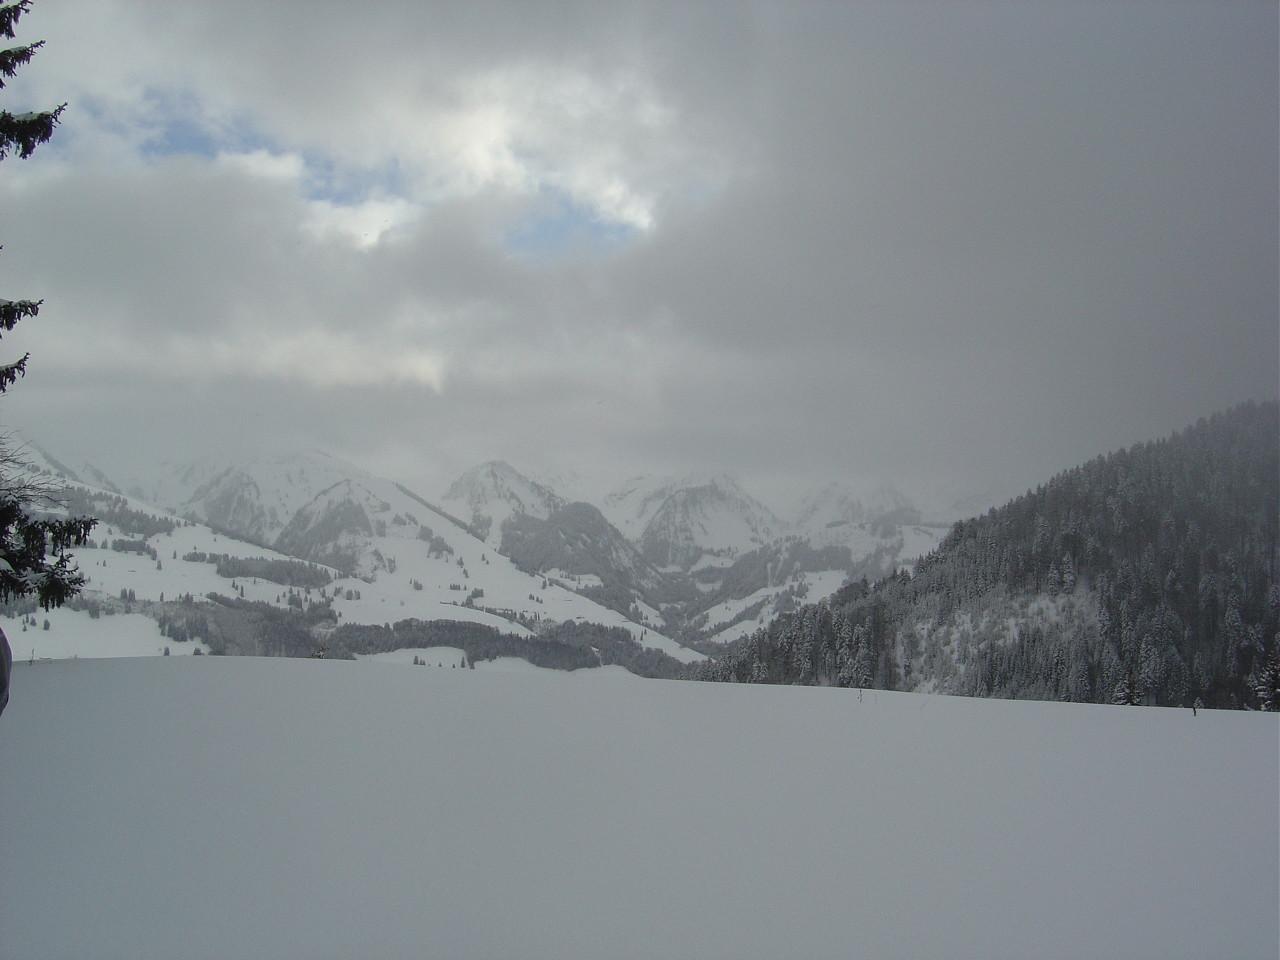 Coup d'oeil sur les montagnes de Grandvillard...